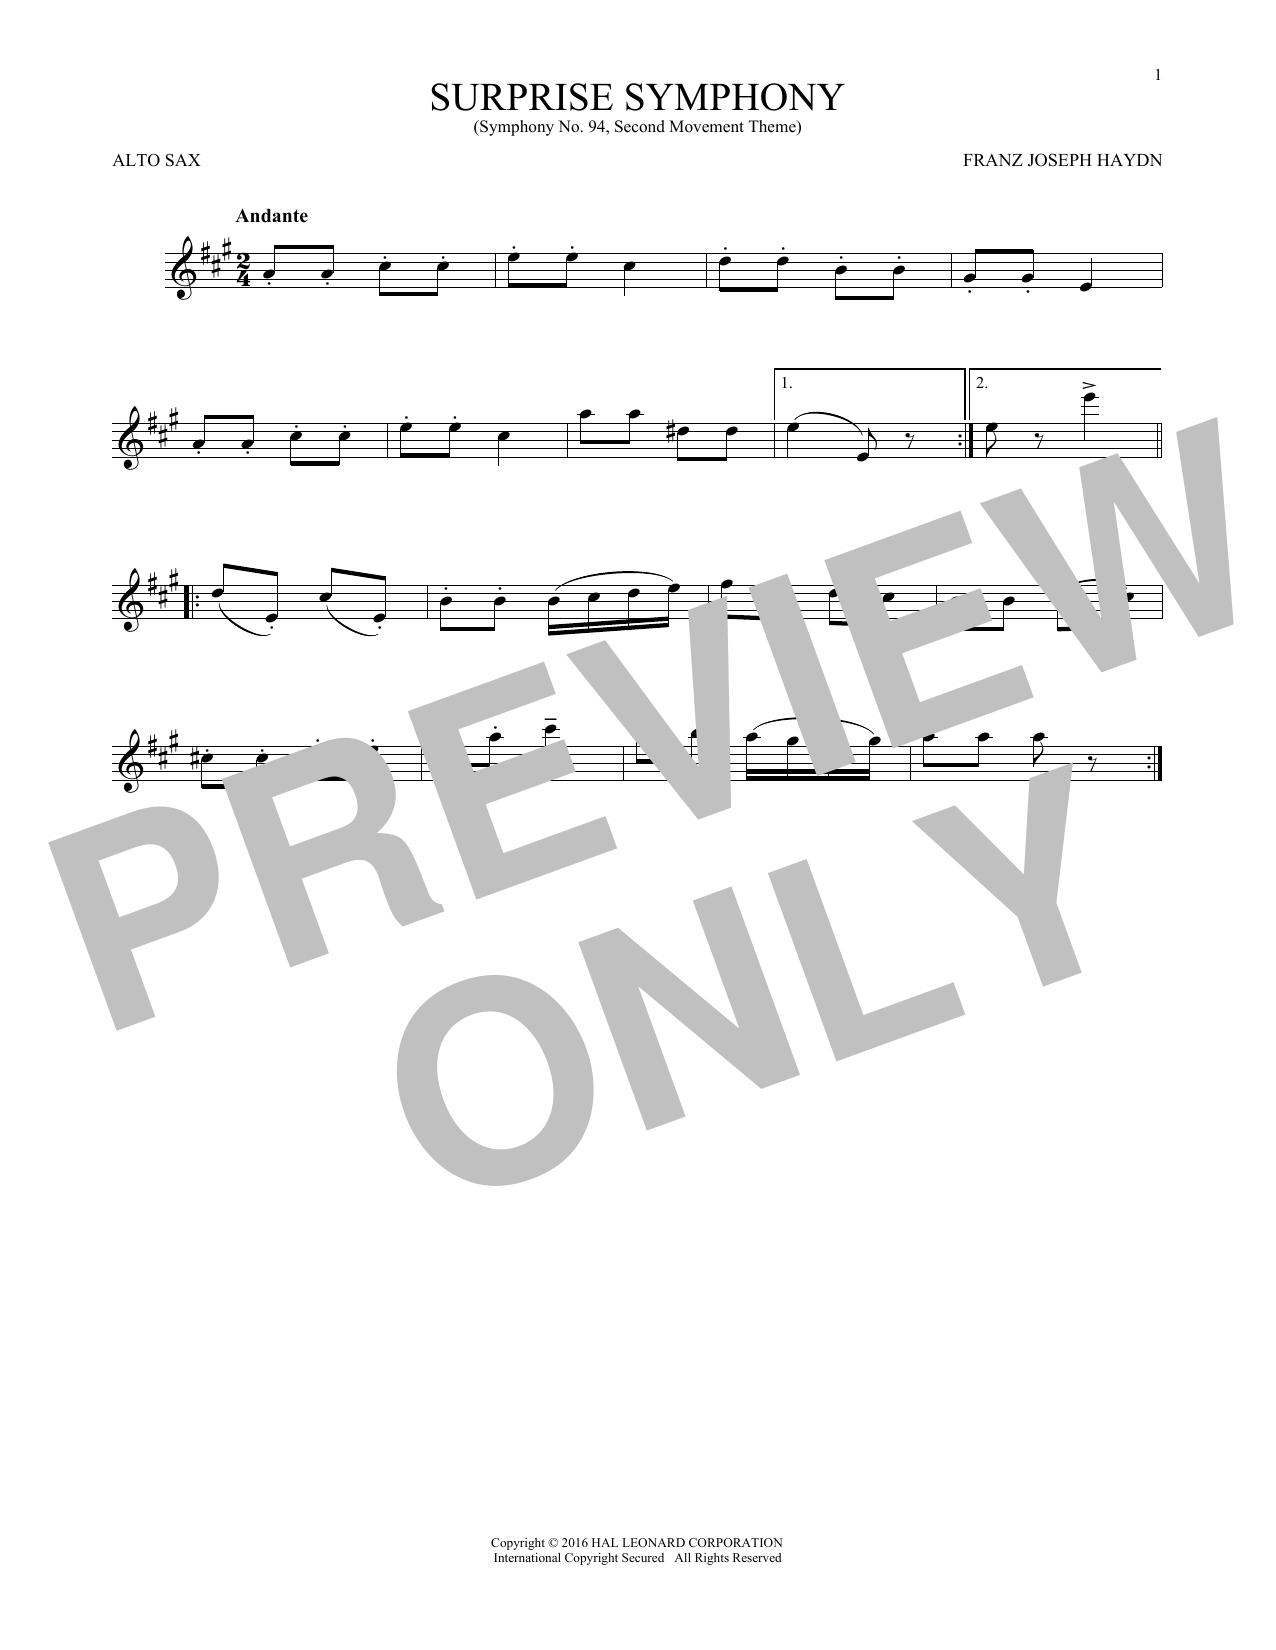 The Surprise Symphony (Alto Sax Solo)